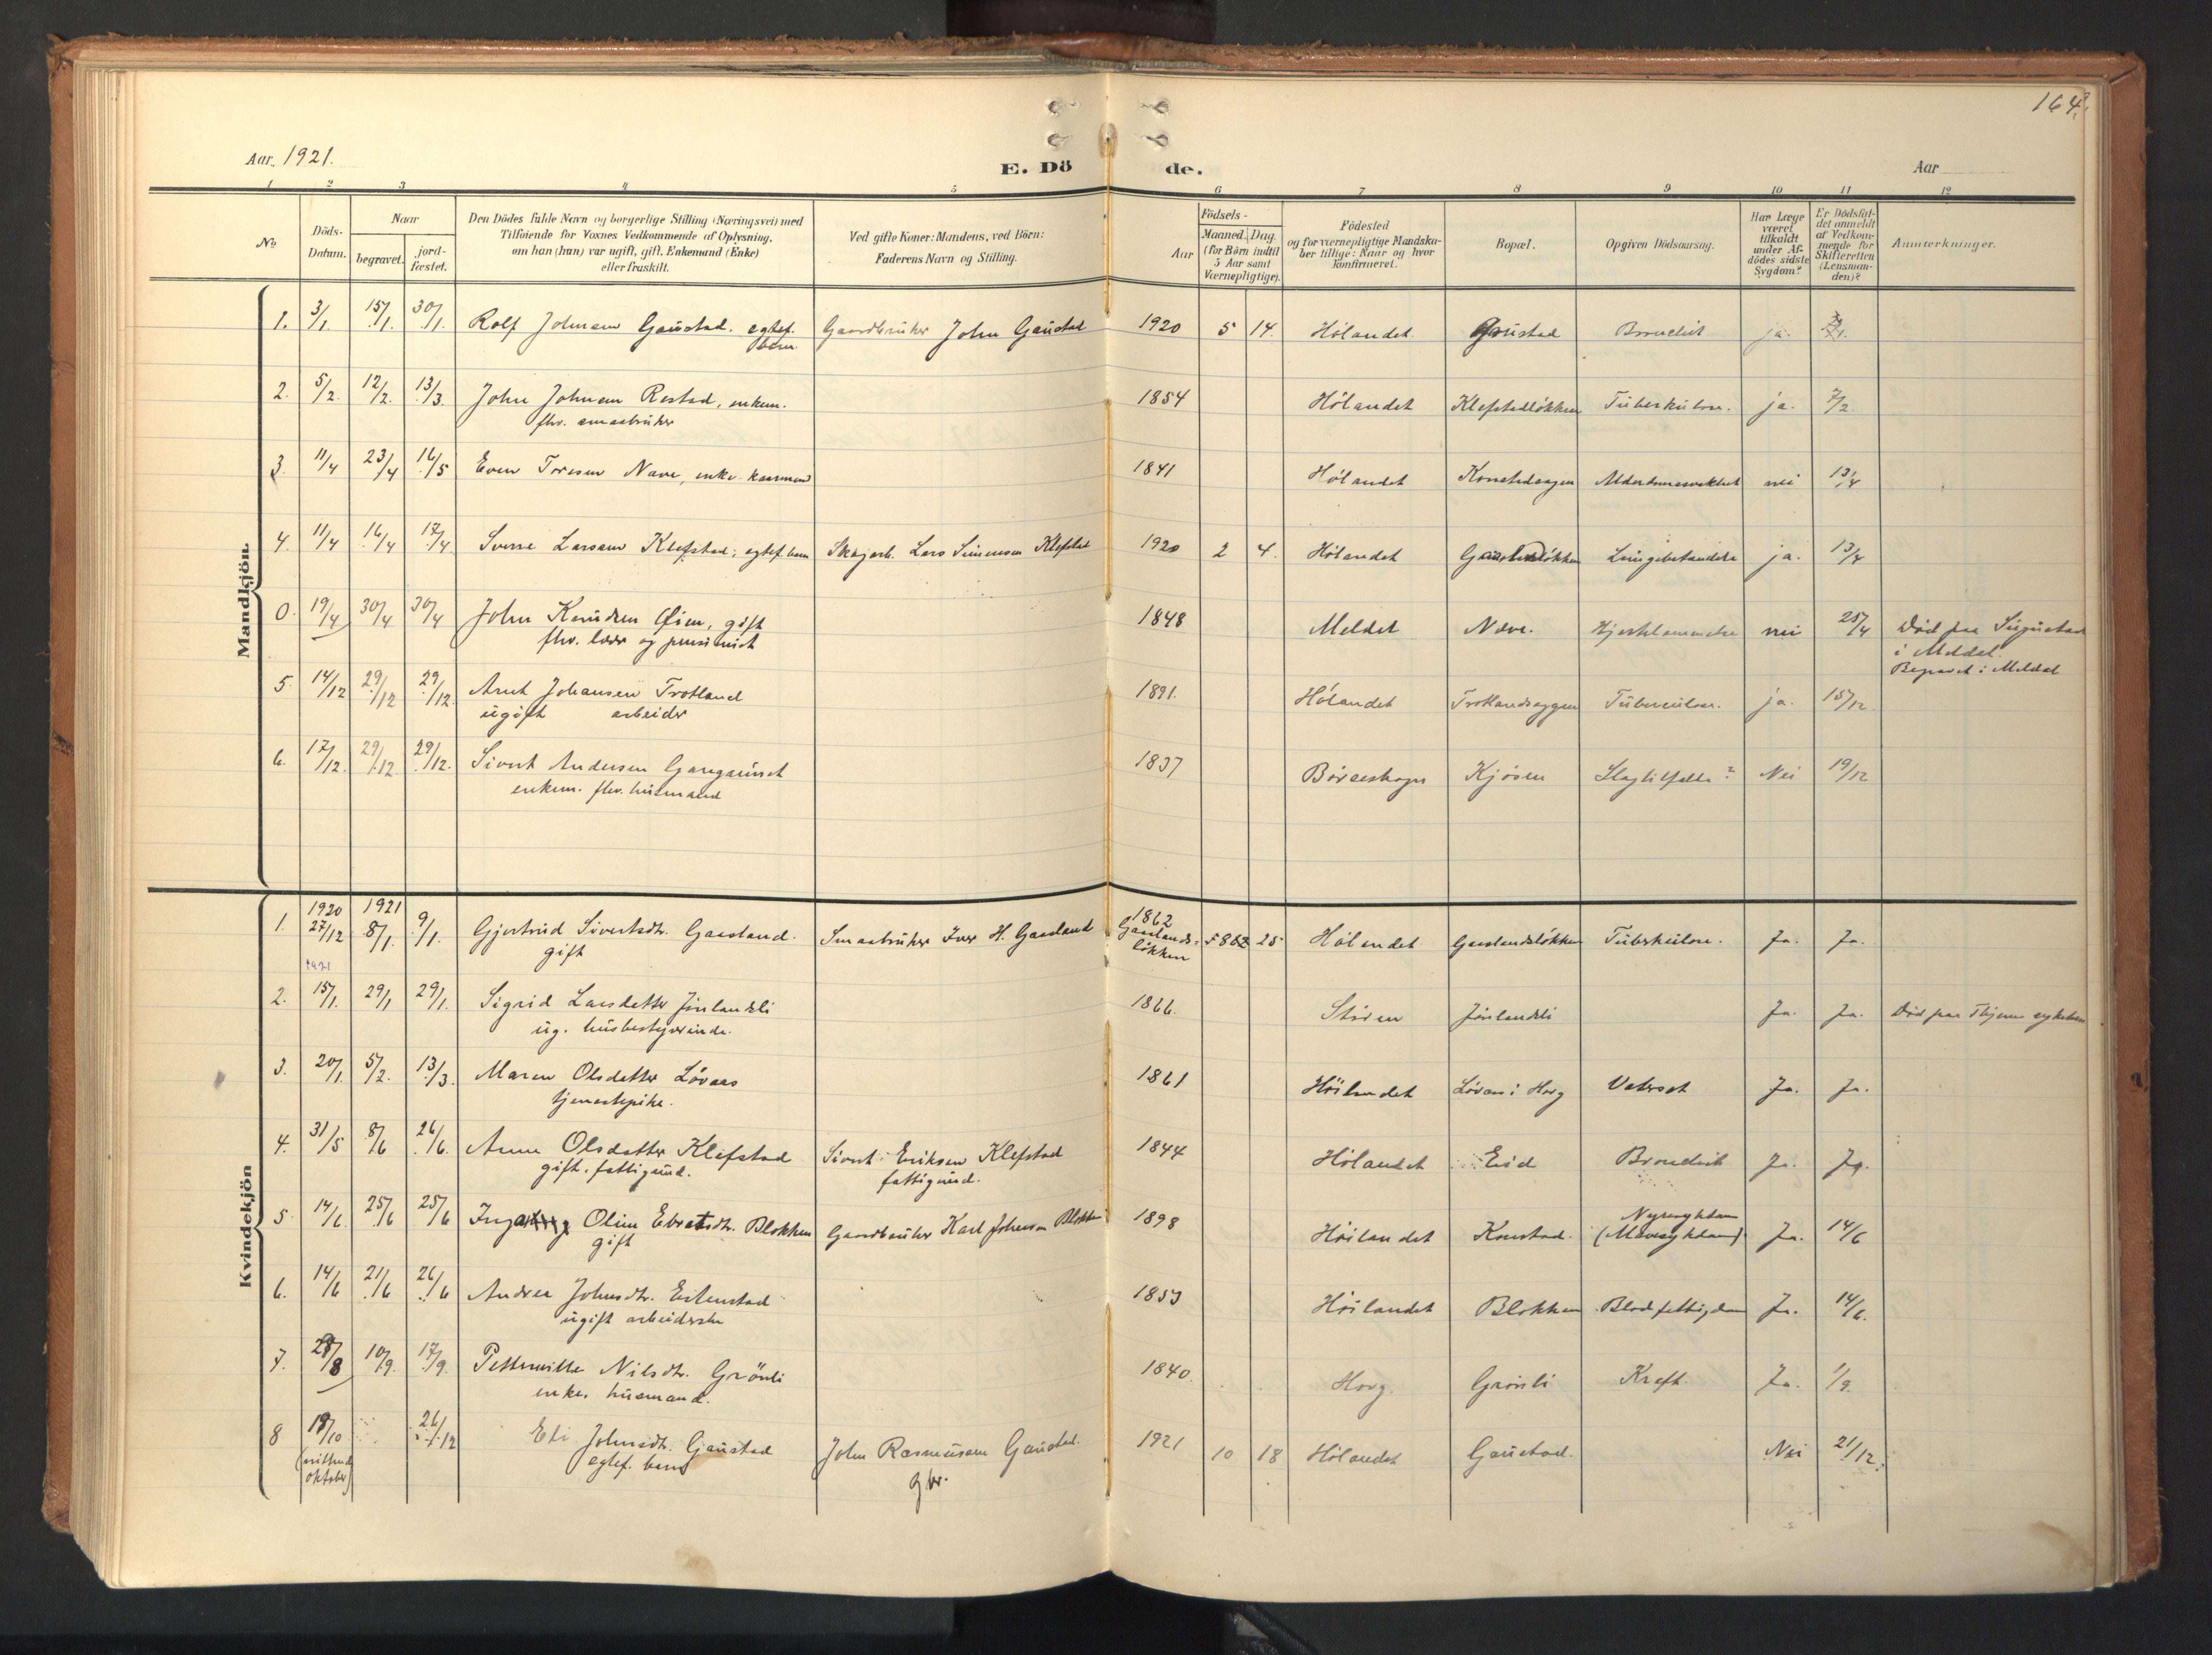 SAT, Ministerialprotokoller, klokkerbøker og fødselsregistre - Sør-Trøndelag, 694/L1128: Ministerialbok nr. 694A02, 1906-1931, s. 164